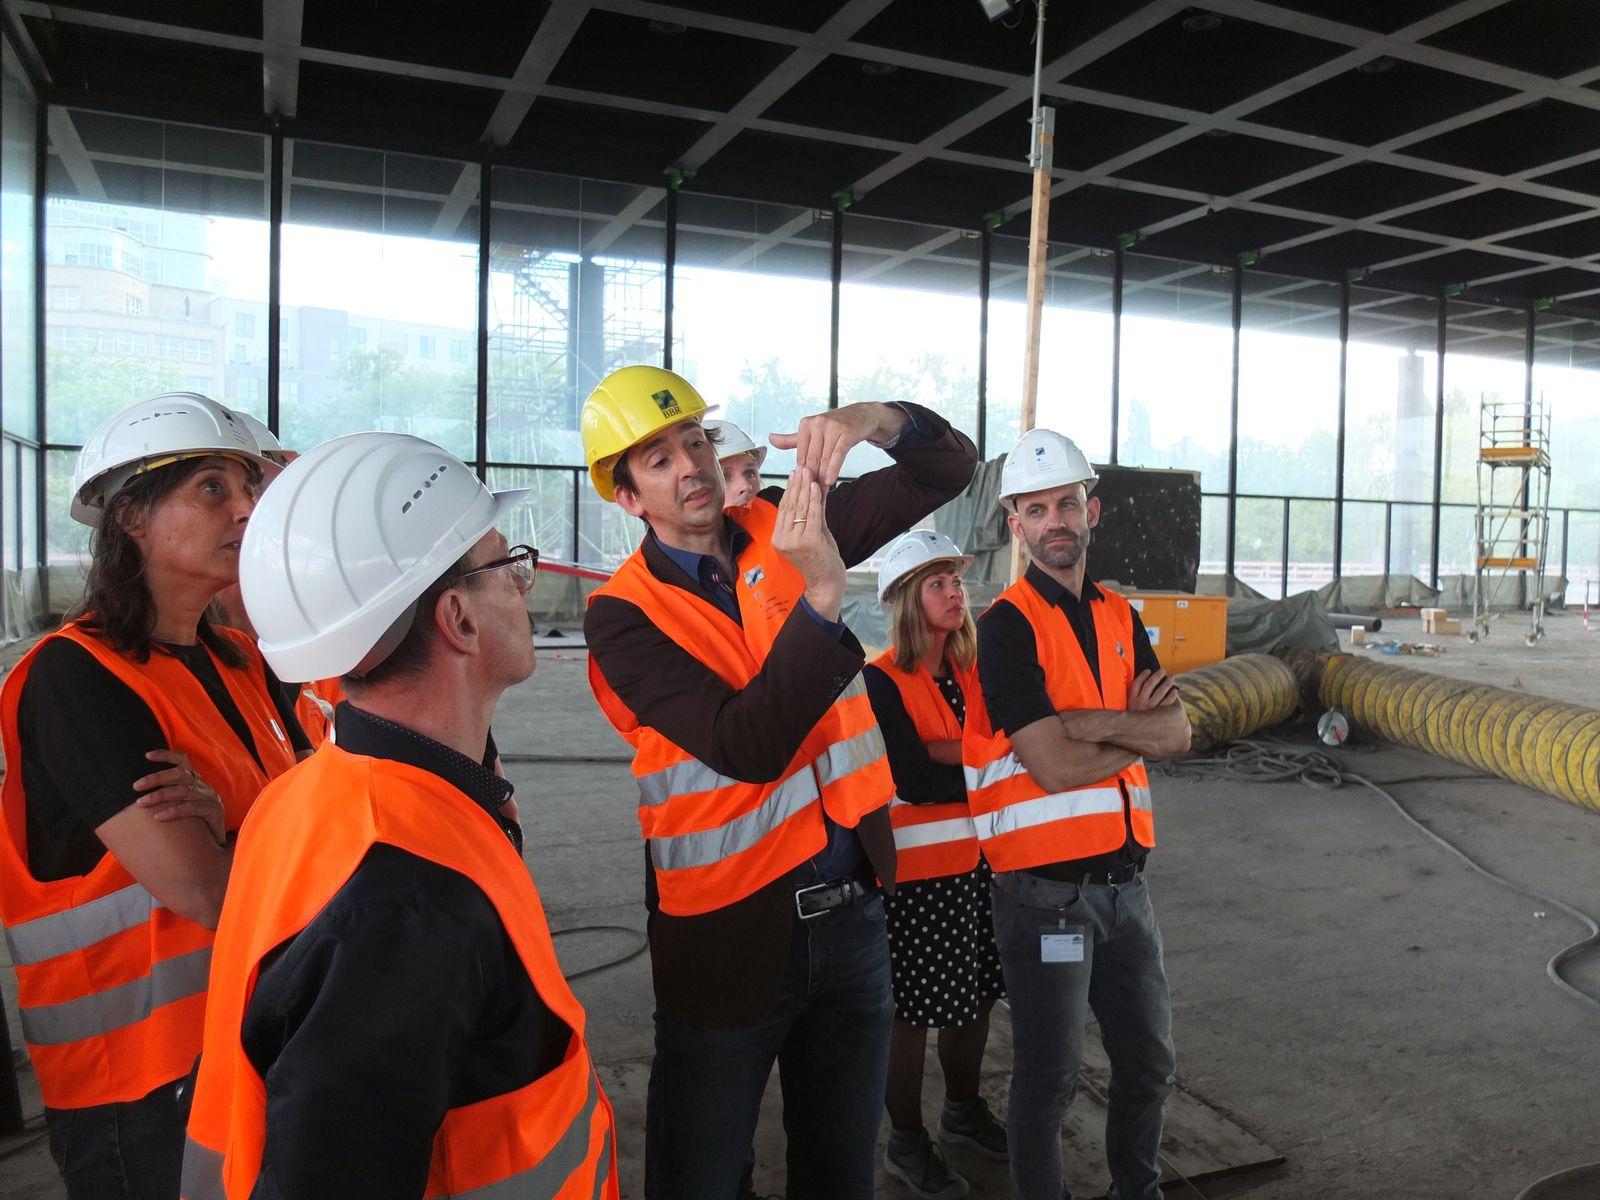 Arne Maibohm vom BBR erläutert, wie das Dach mit einer integrierten Schale beweglich auf dem Kopf einer Säule aufliegt. Foto: schmedding.vonmarlin.